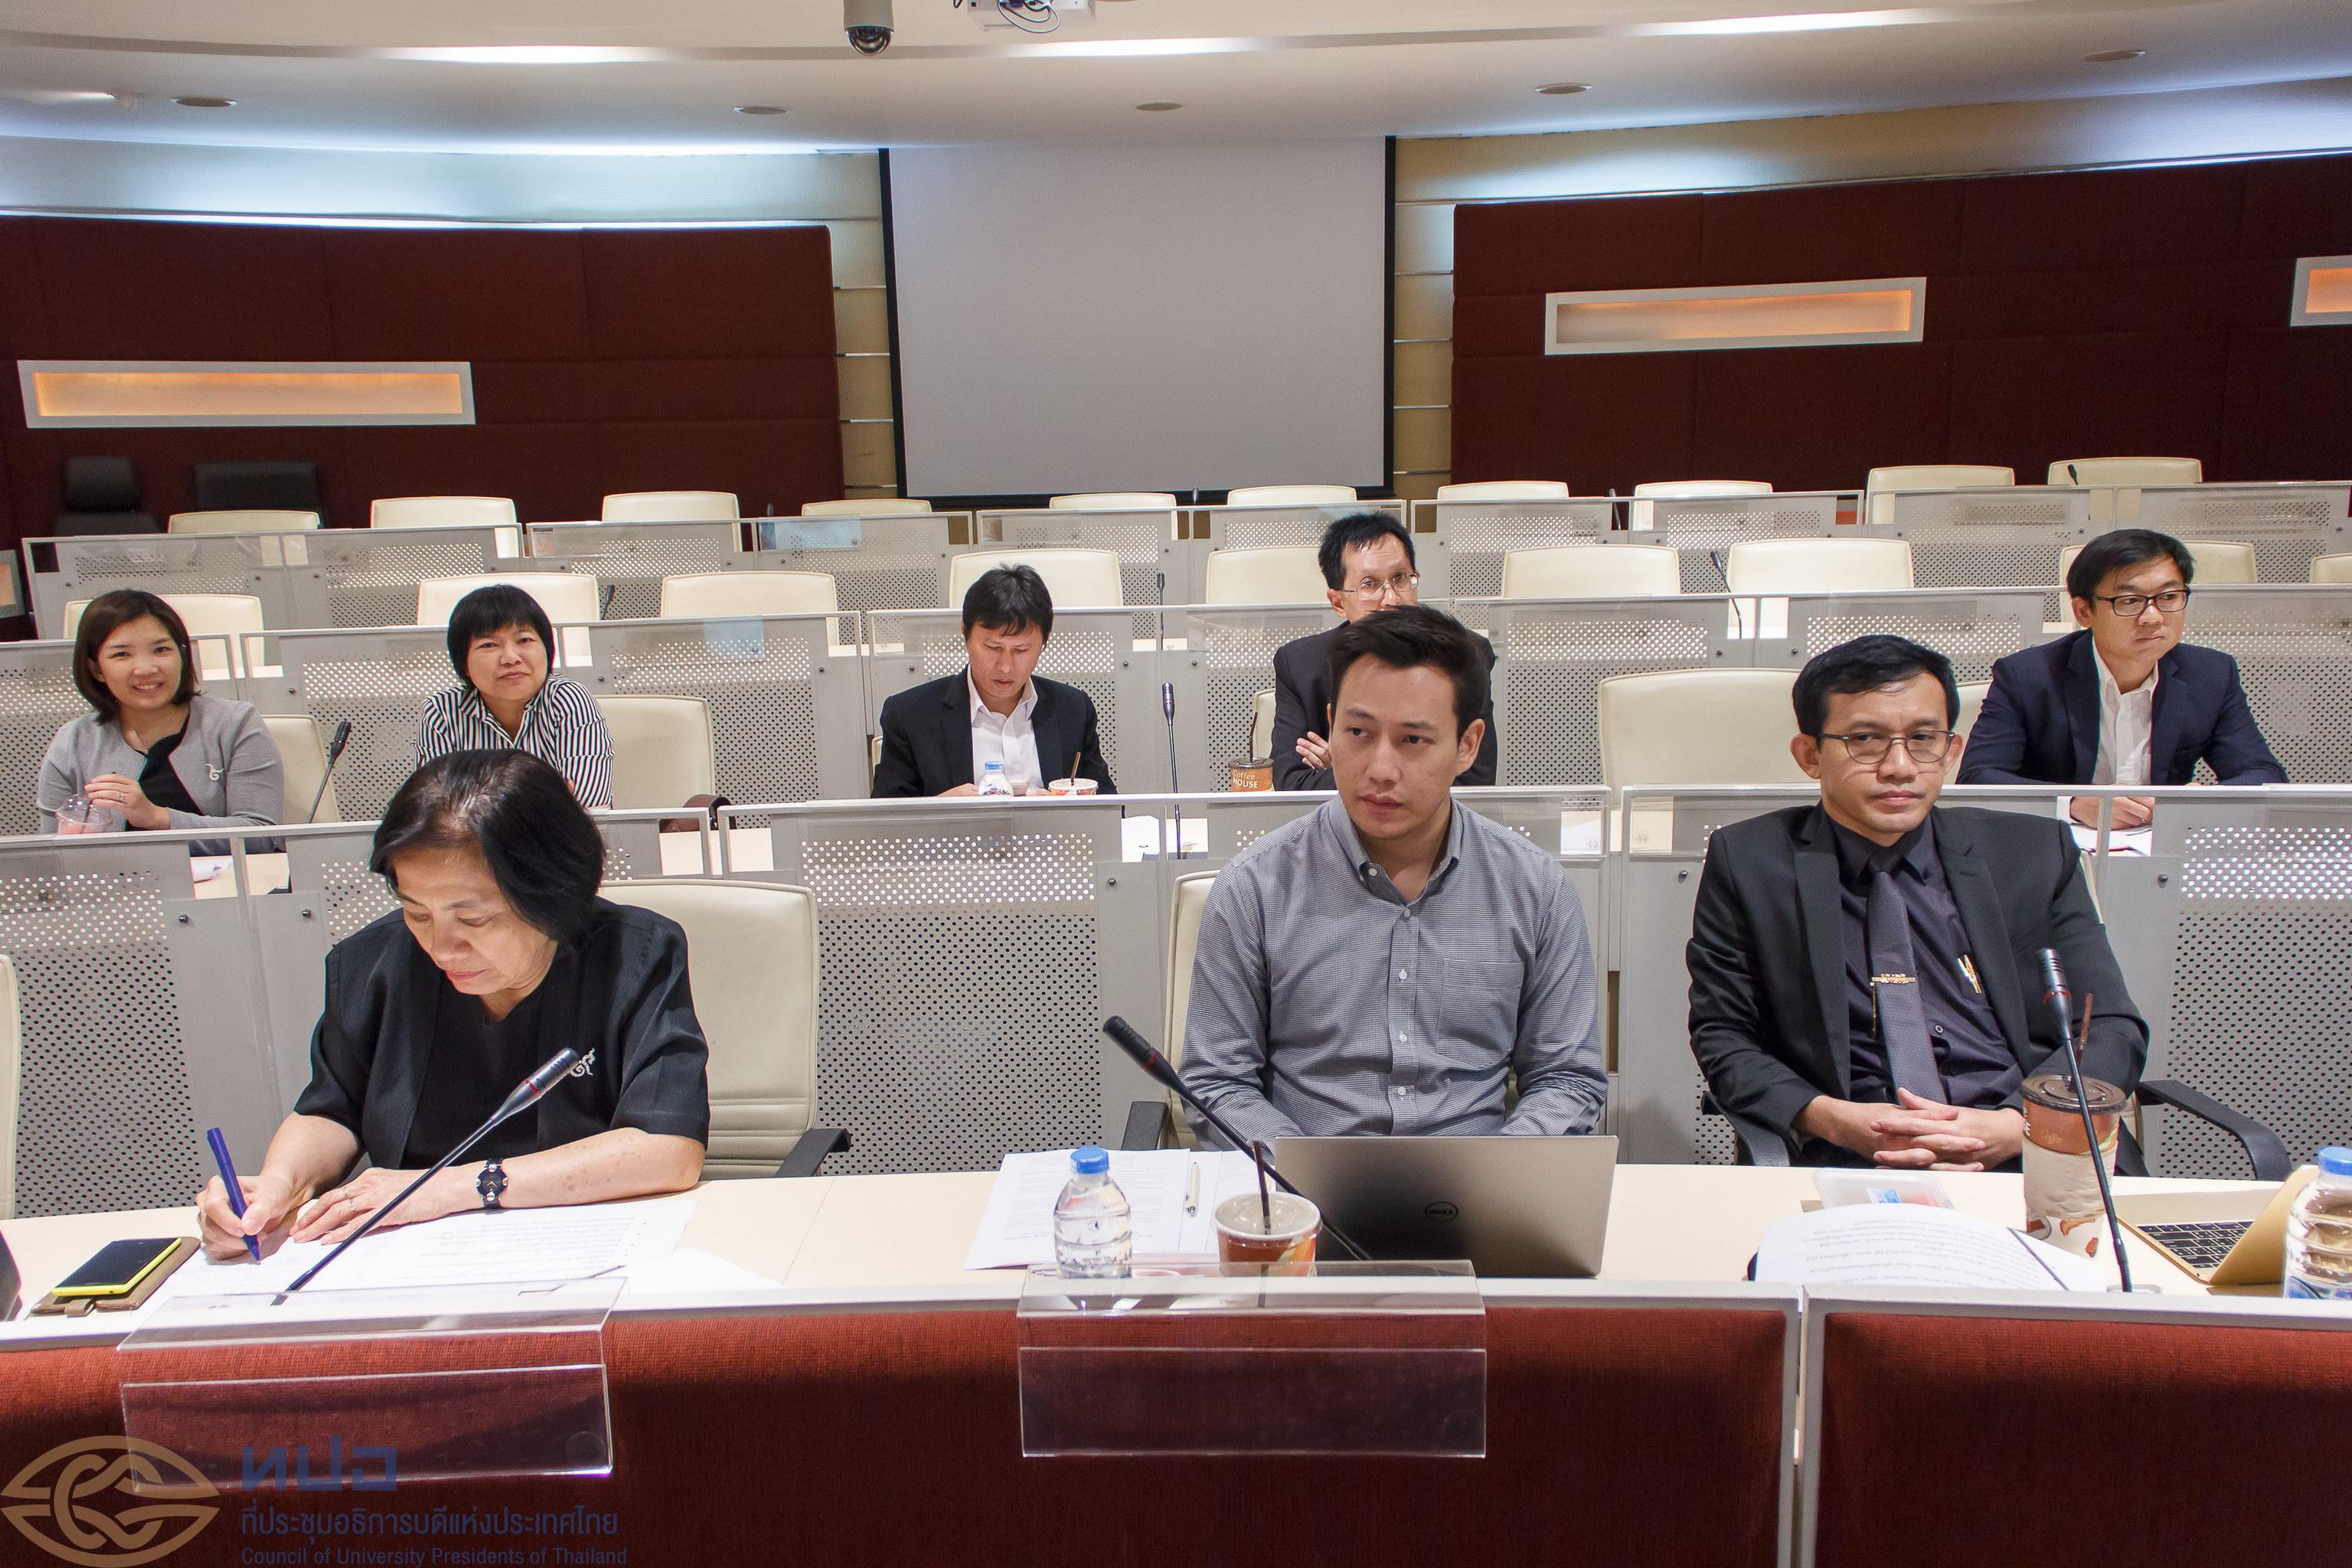 การประชุมโครงการ Innovation Hubs เพื่อสร้างเศรษฐกิจฐานนวัตกรรมของประเทศตามนโยบายประเทศไทย 4.0 และแนวทางการบริหาร